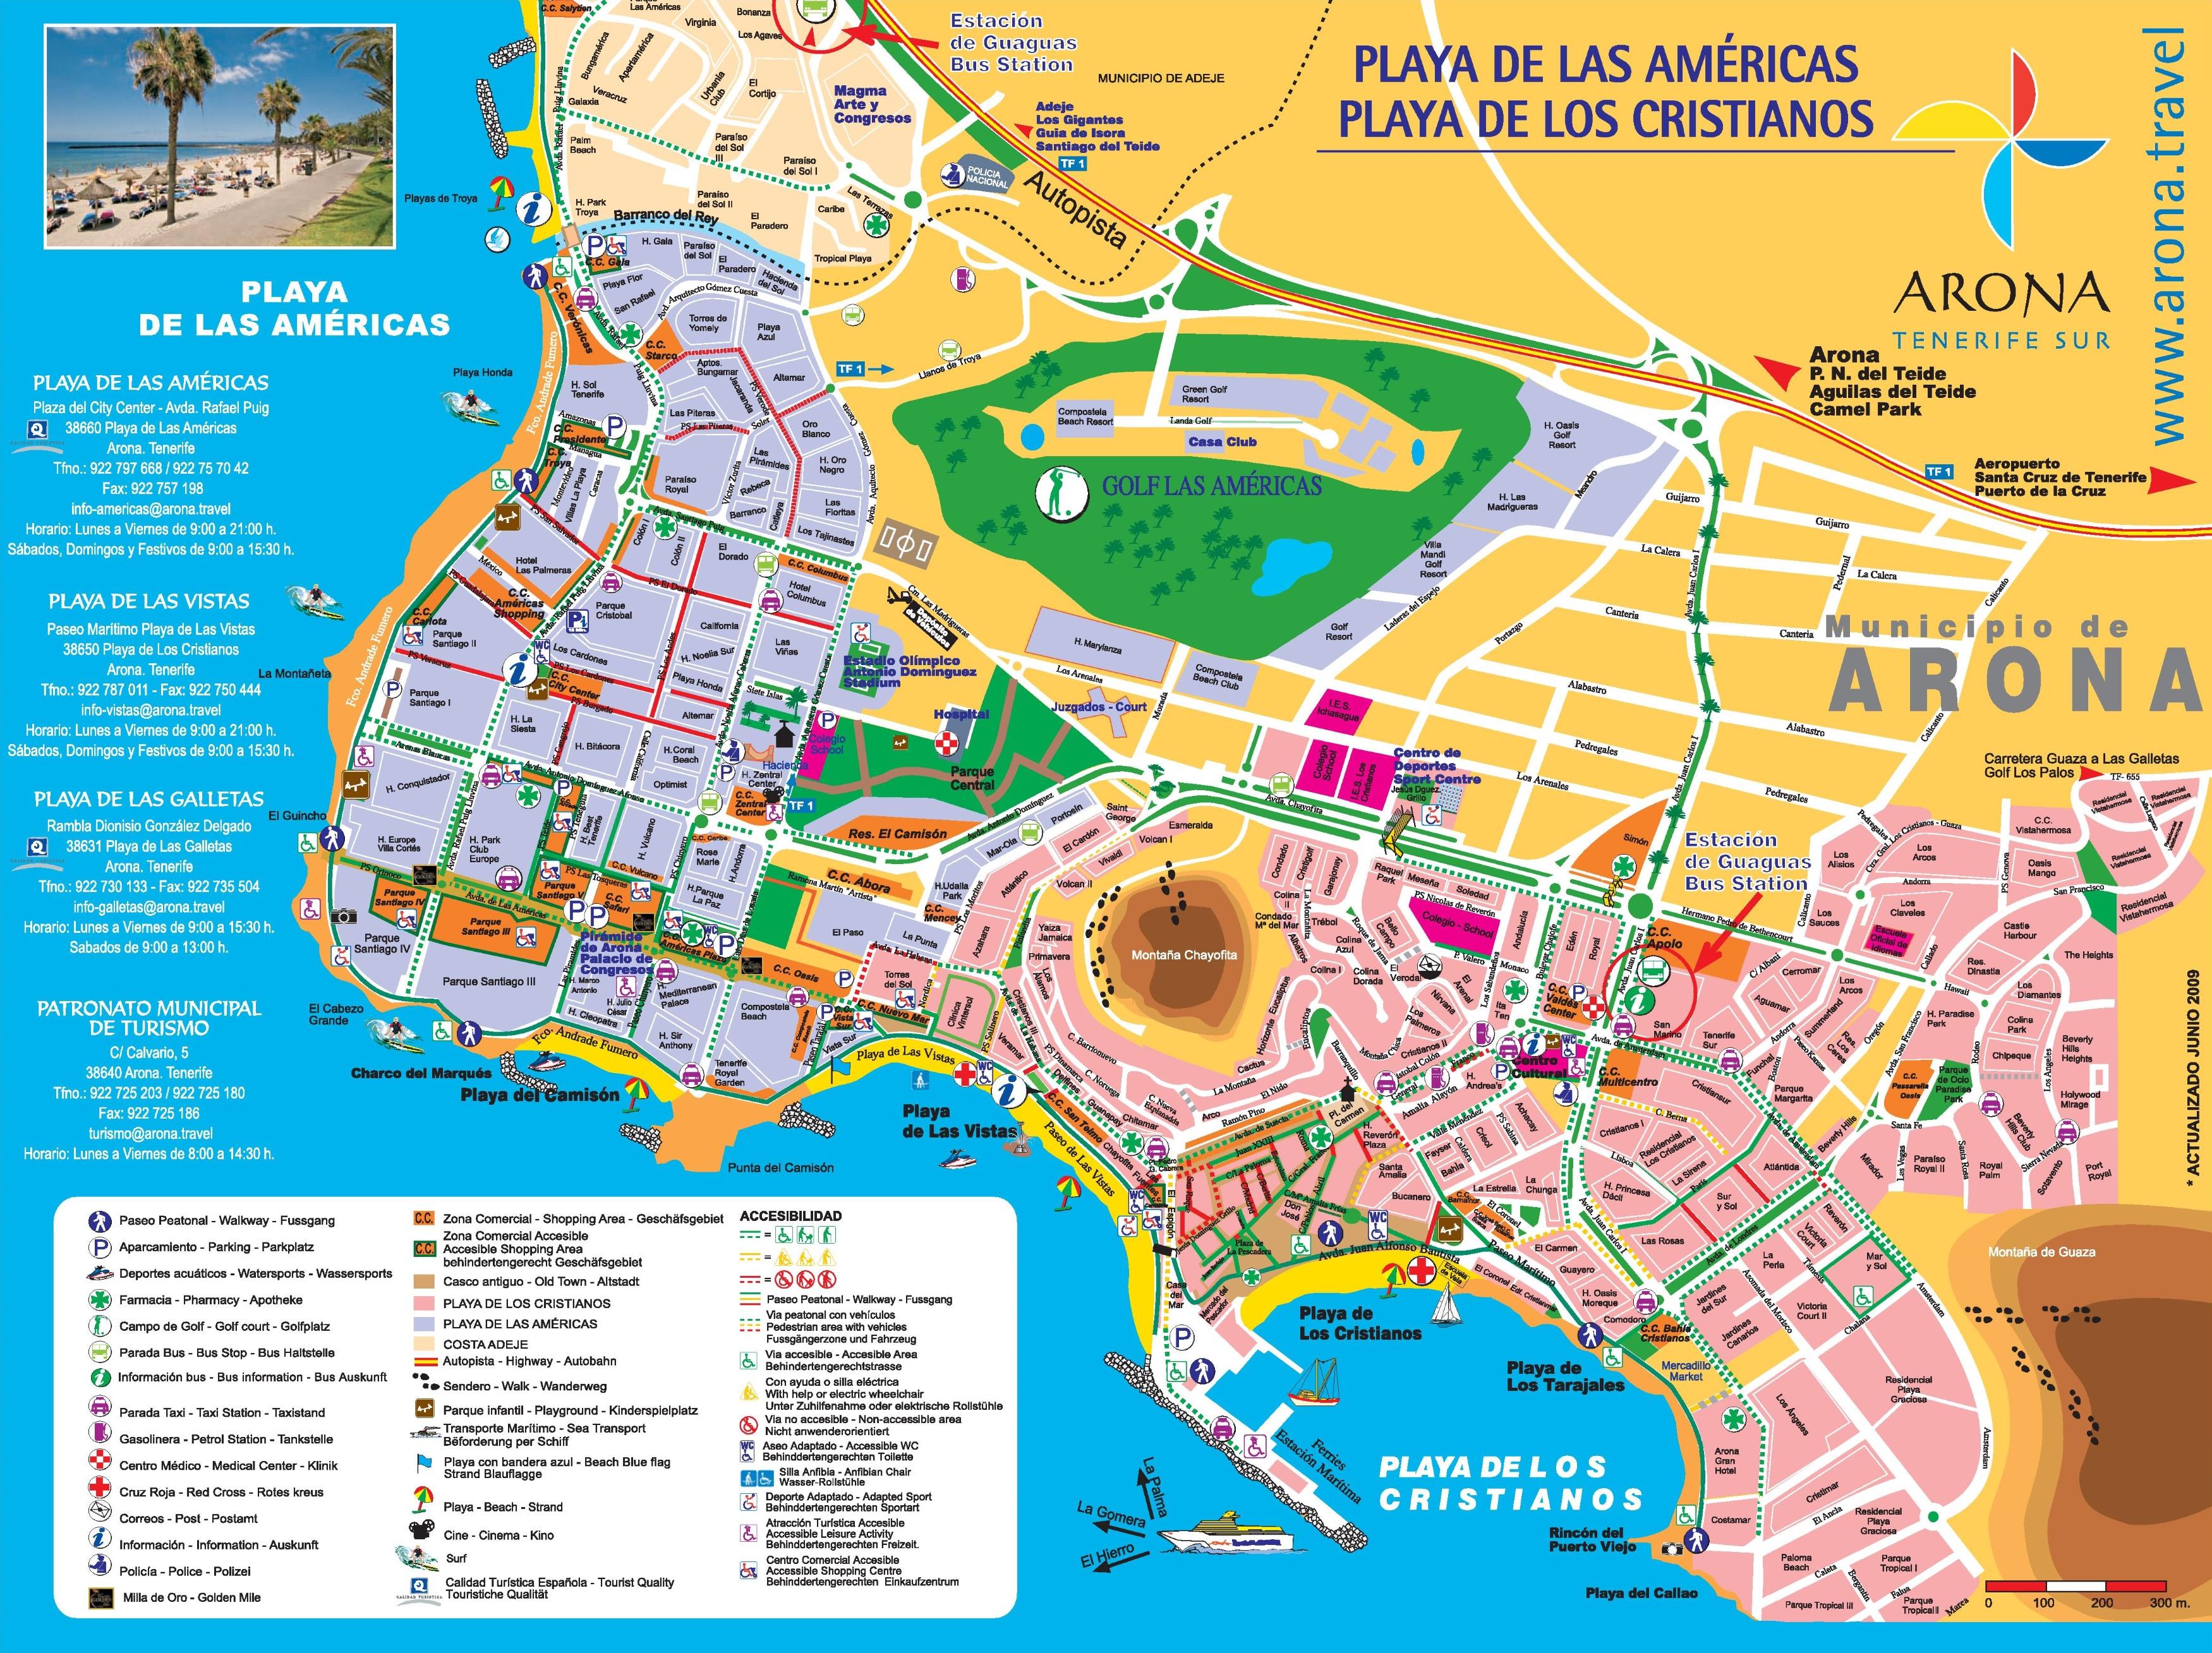 Los Cristianos and Playa de las Amricas tourist map